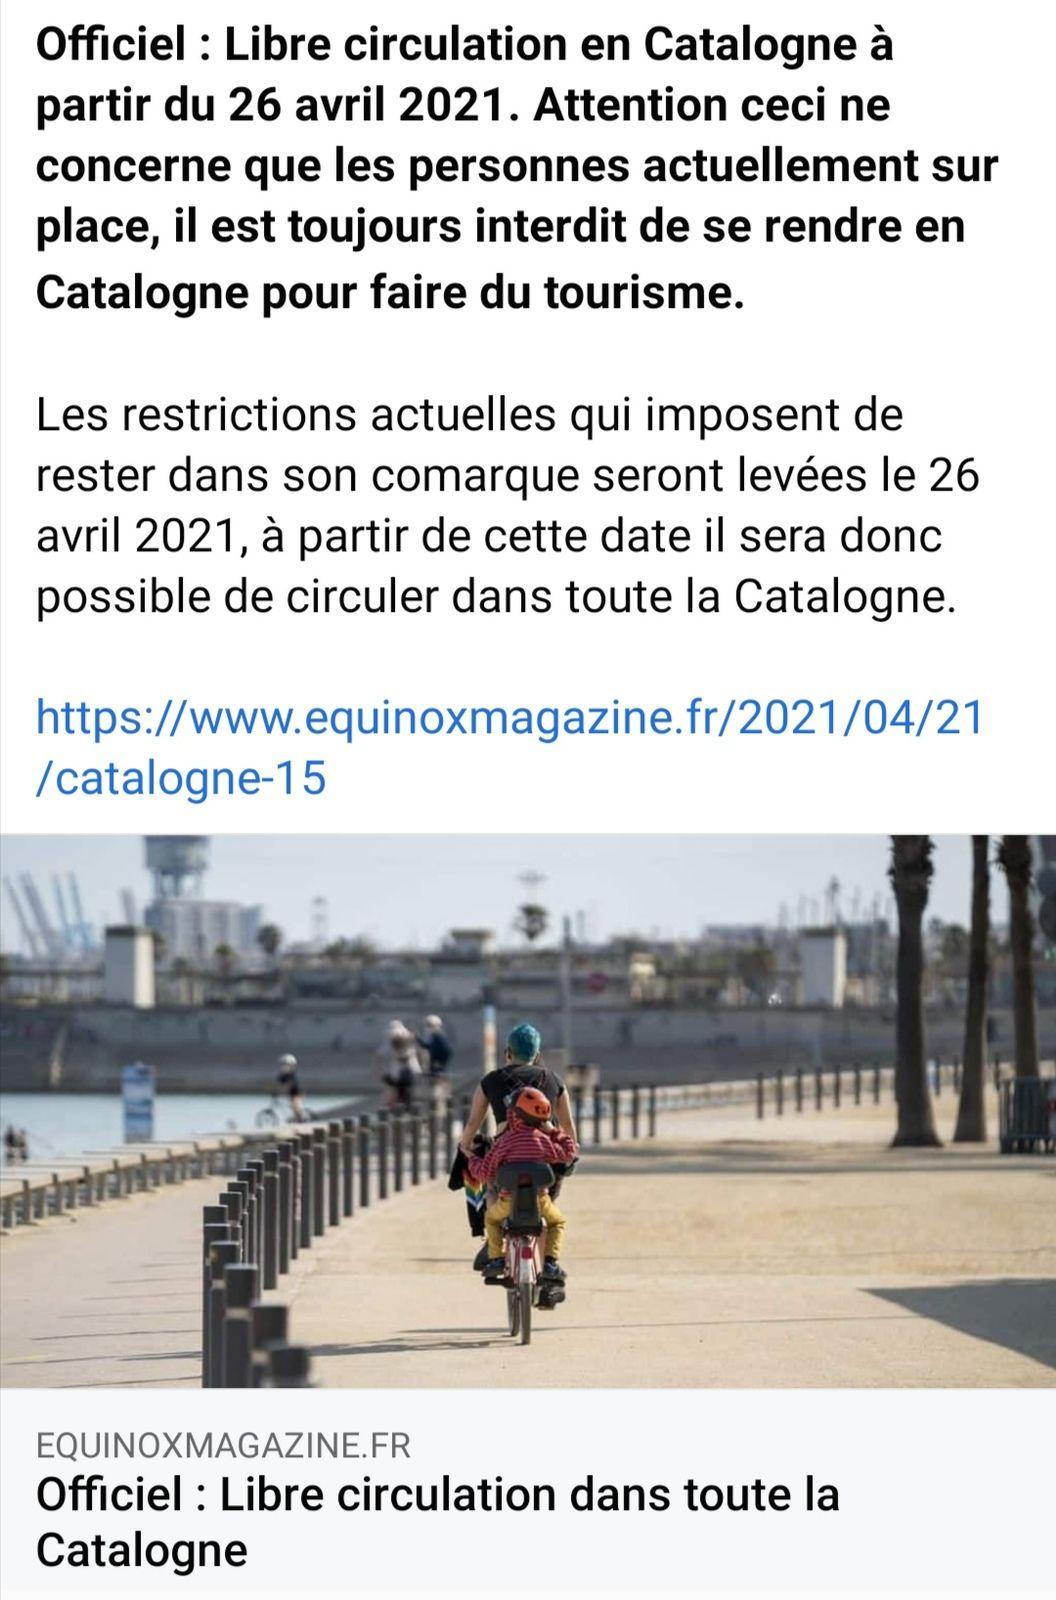 Libre circulation en Catalogne